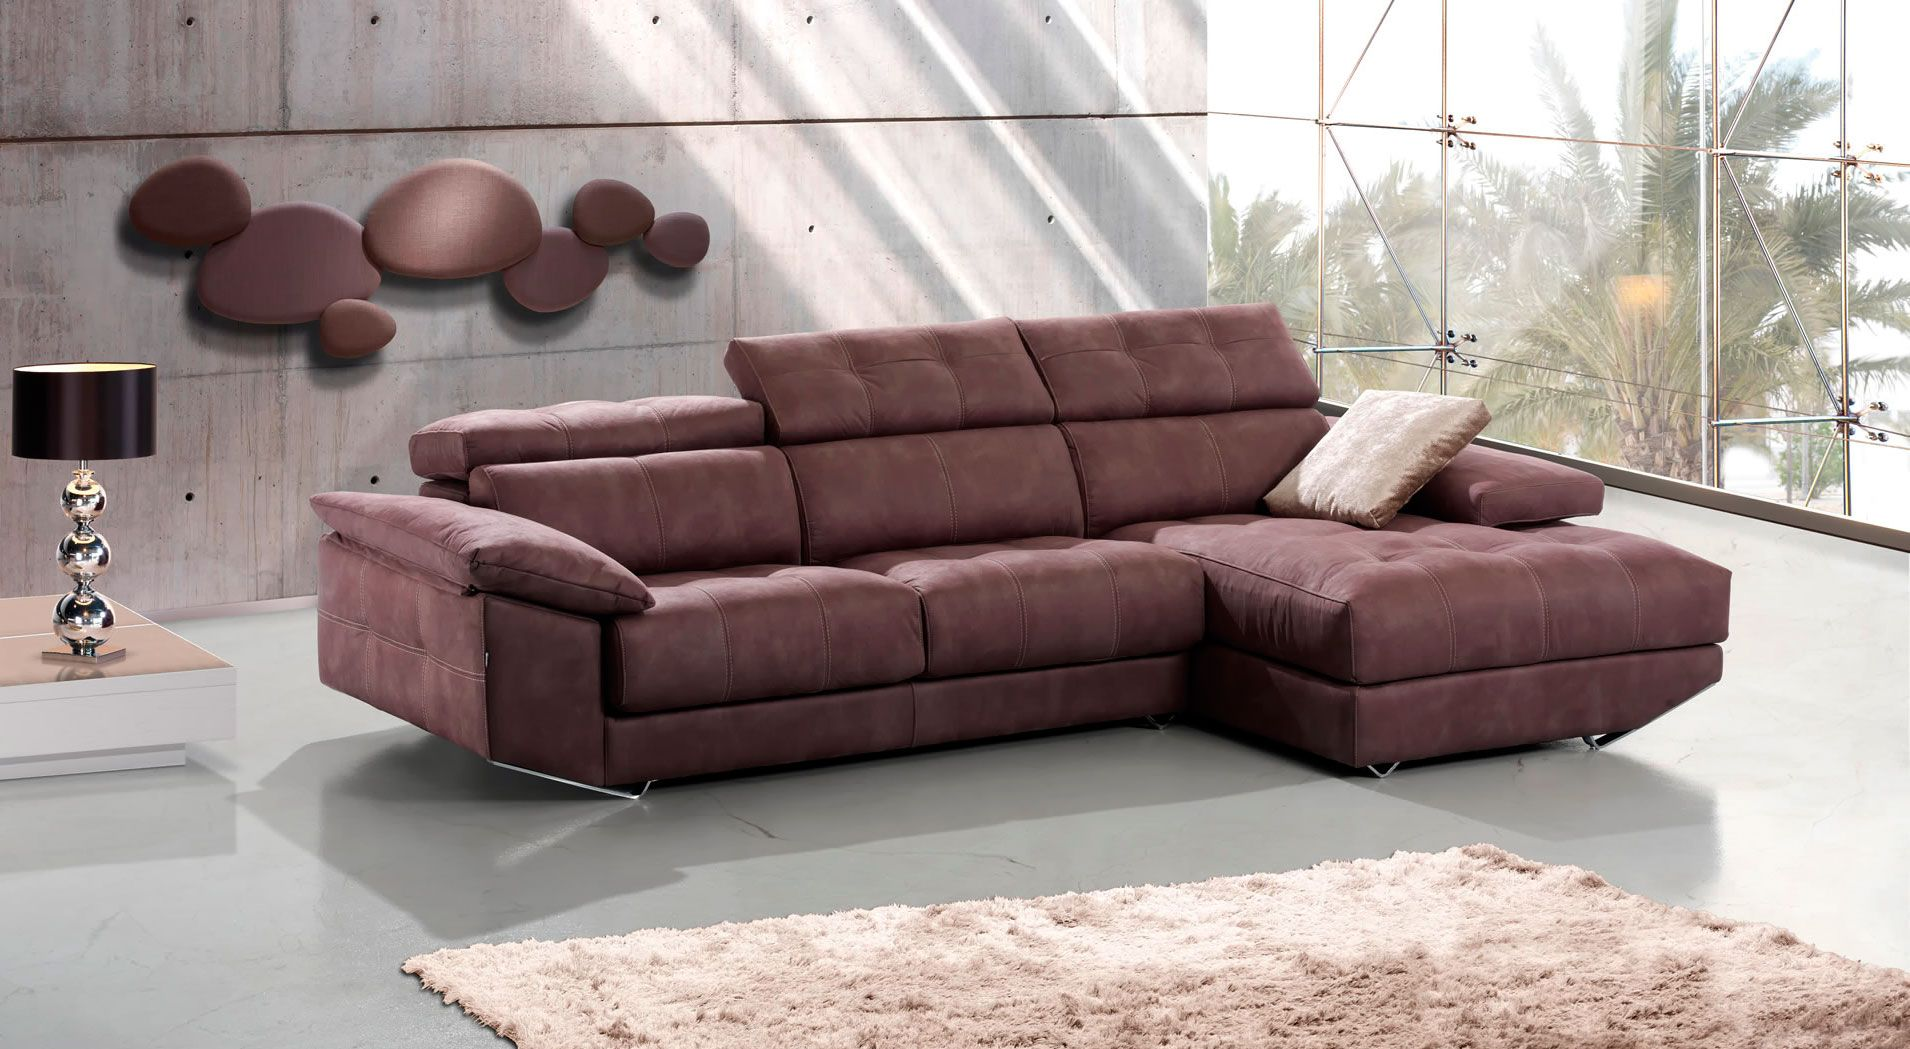 Sof con chaise longue gin fabricado por divani star en for Sofa cama chaise longue 2 plazas